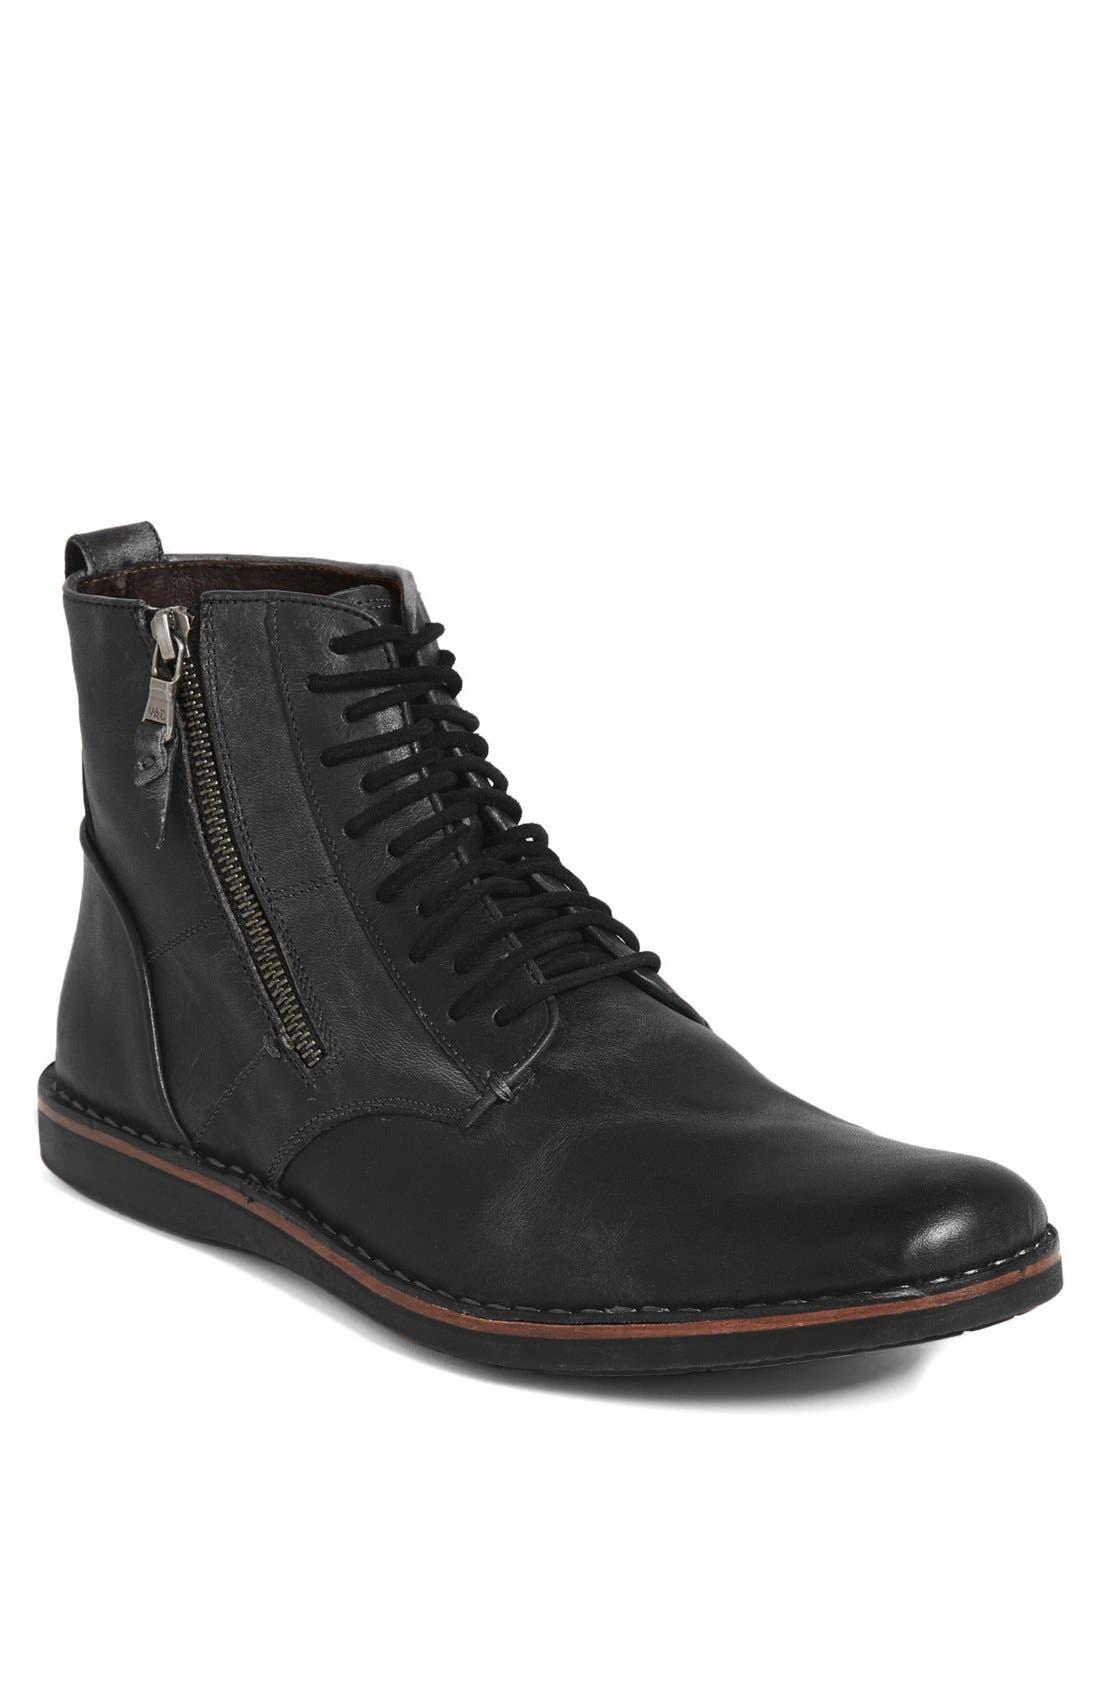 Alternate Image 1 Selected - John Varvatos Star USA 'Barrett' Plain Toe Boot (Men) (Online Only)